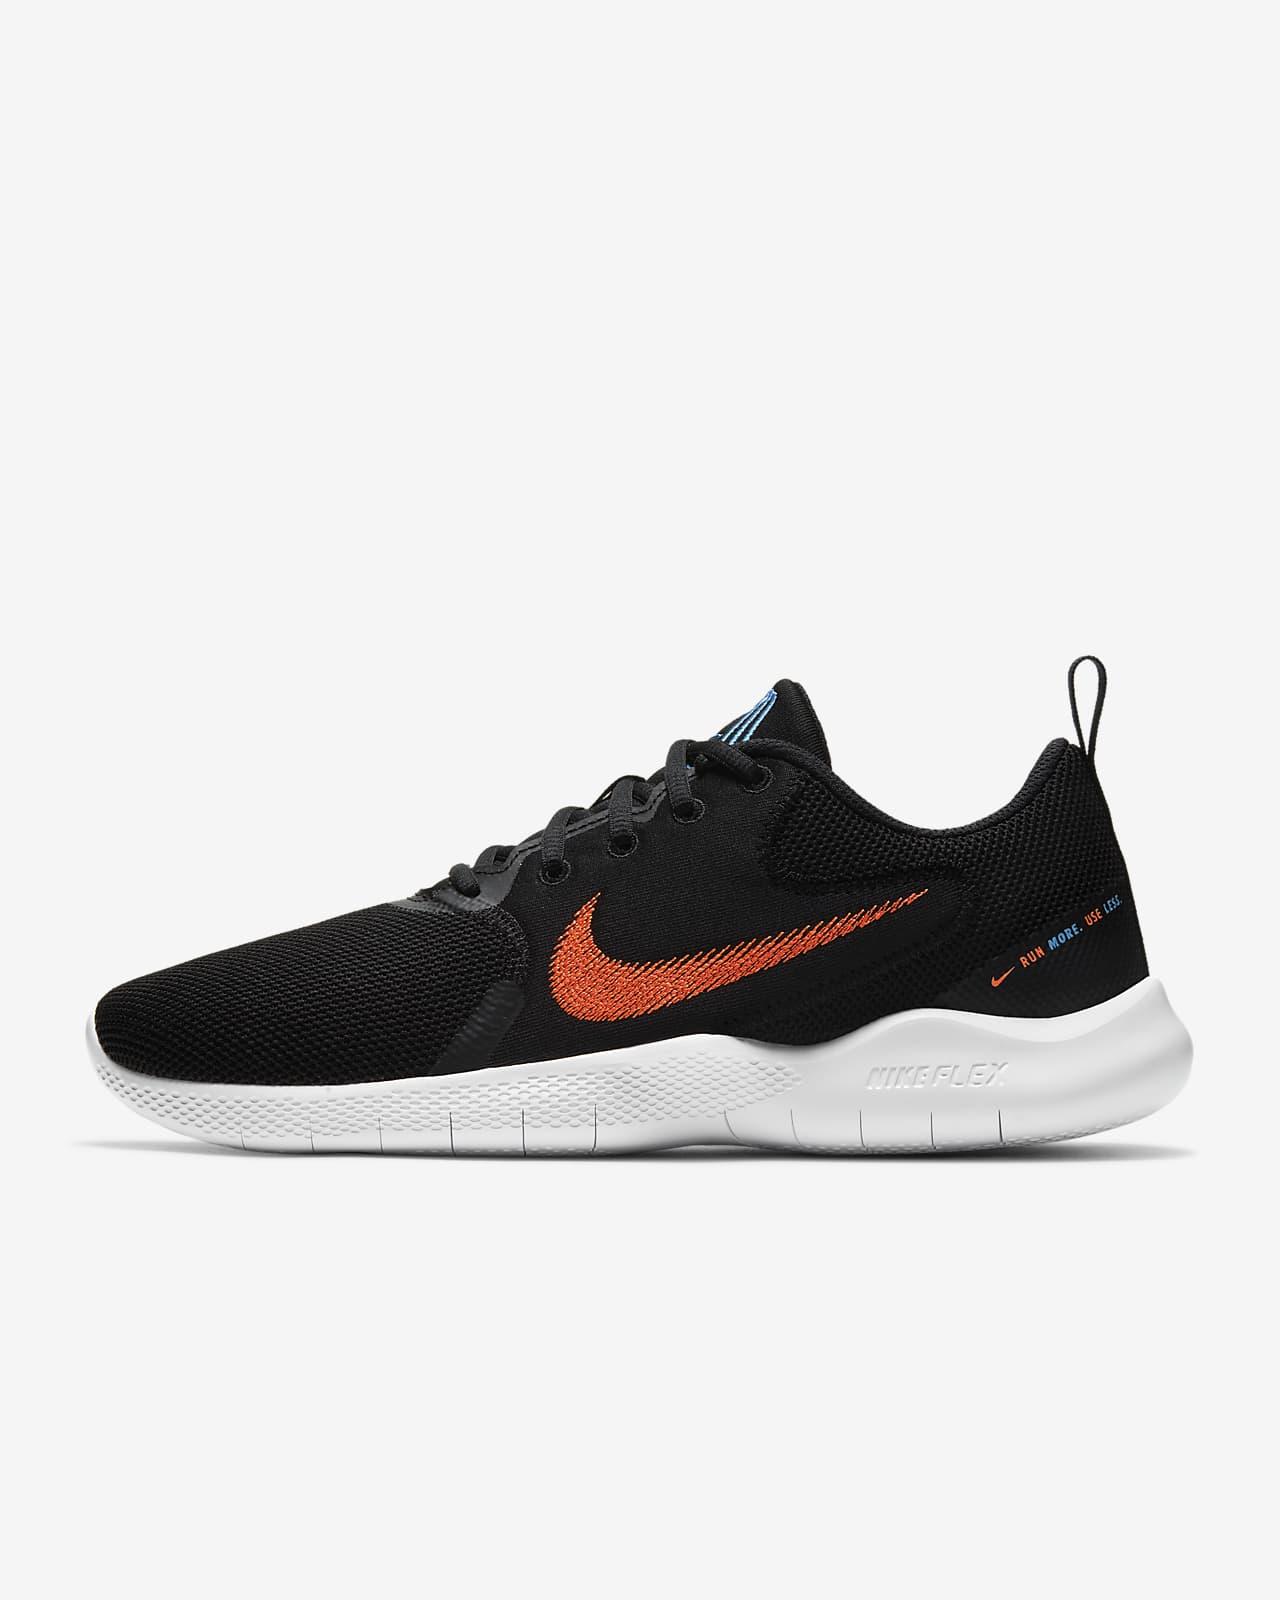 Calzado de running en carretera para hombre Nike Flex Experience Run 10